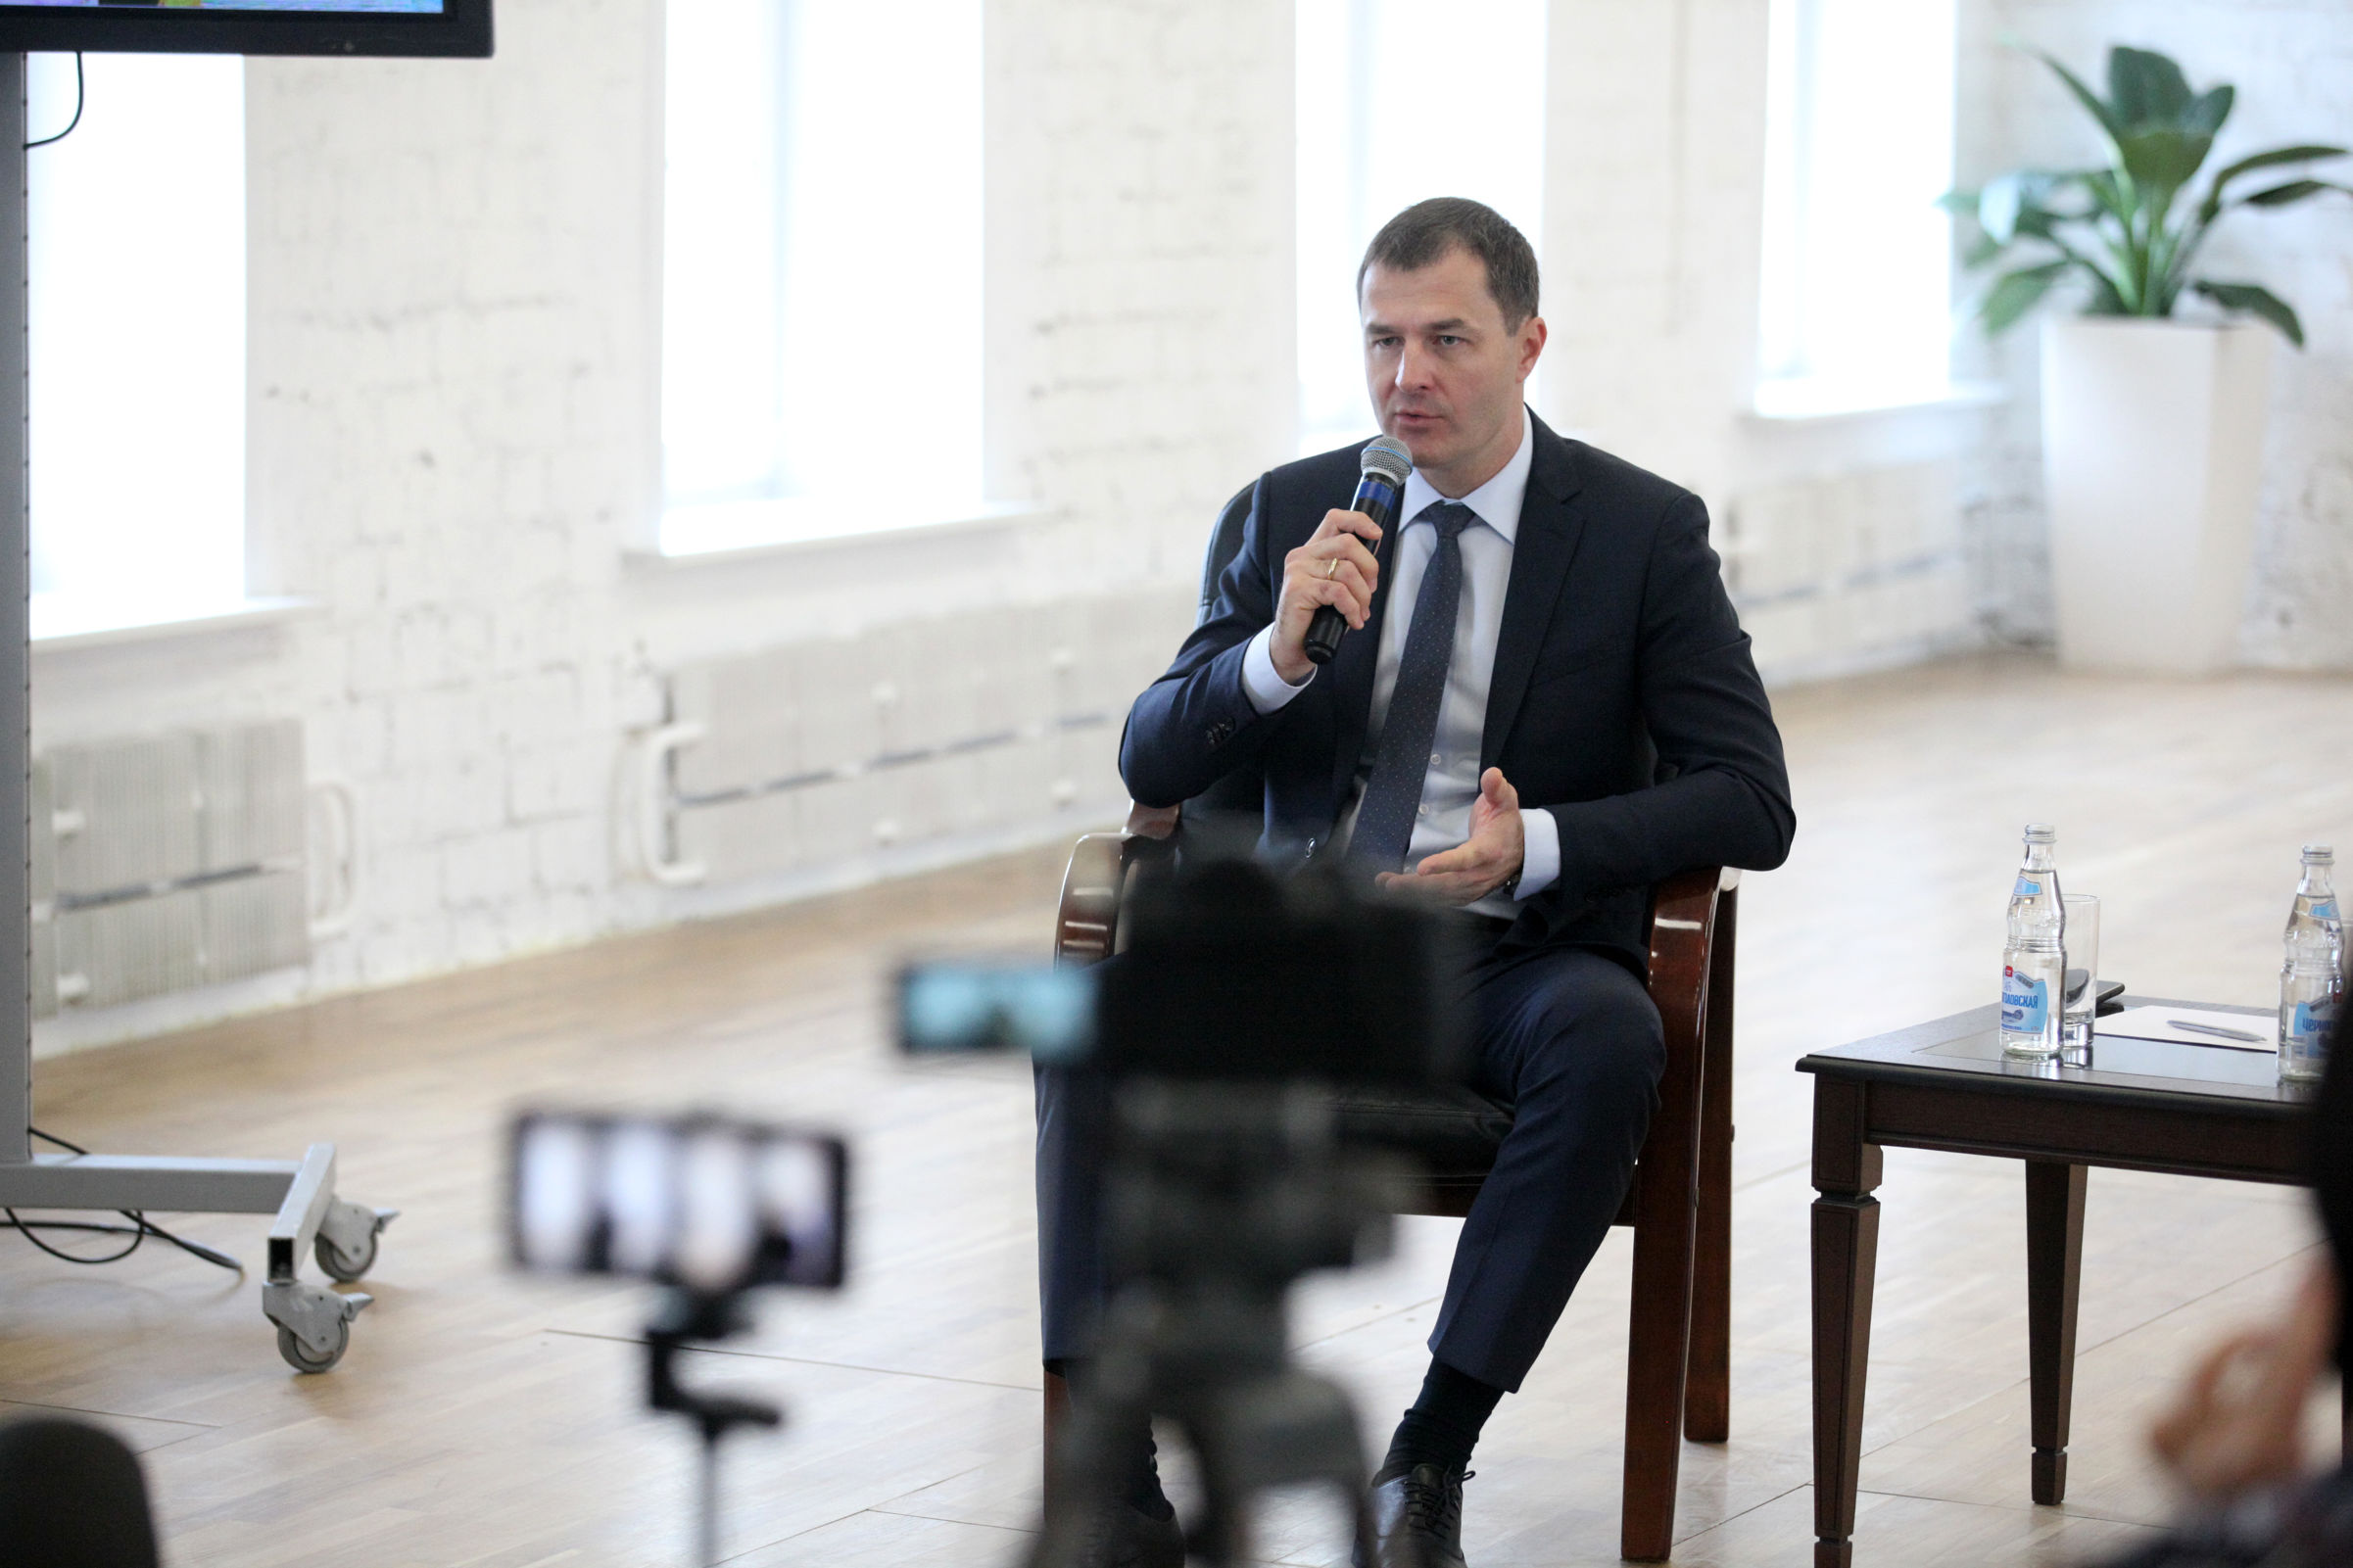 «Таких людей в мире нет»: мэр Ярославля поддержал позицию Валентины Терешковой по поправкам в Конституцию